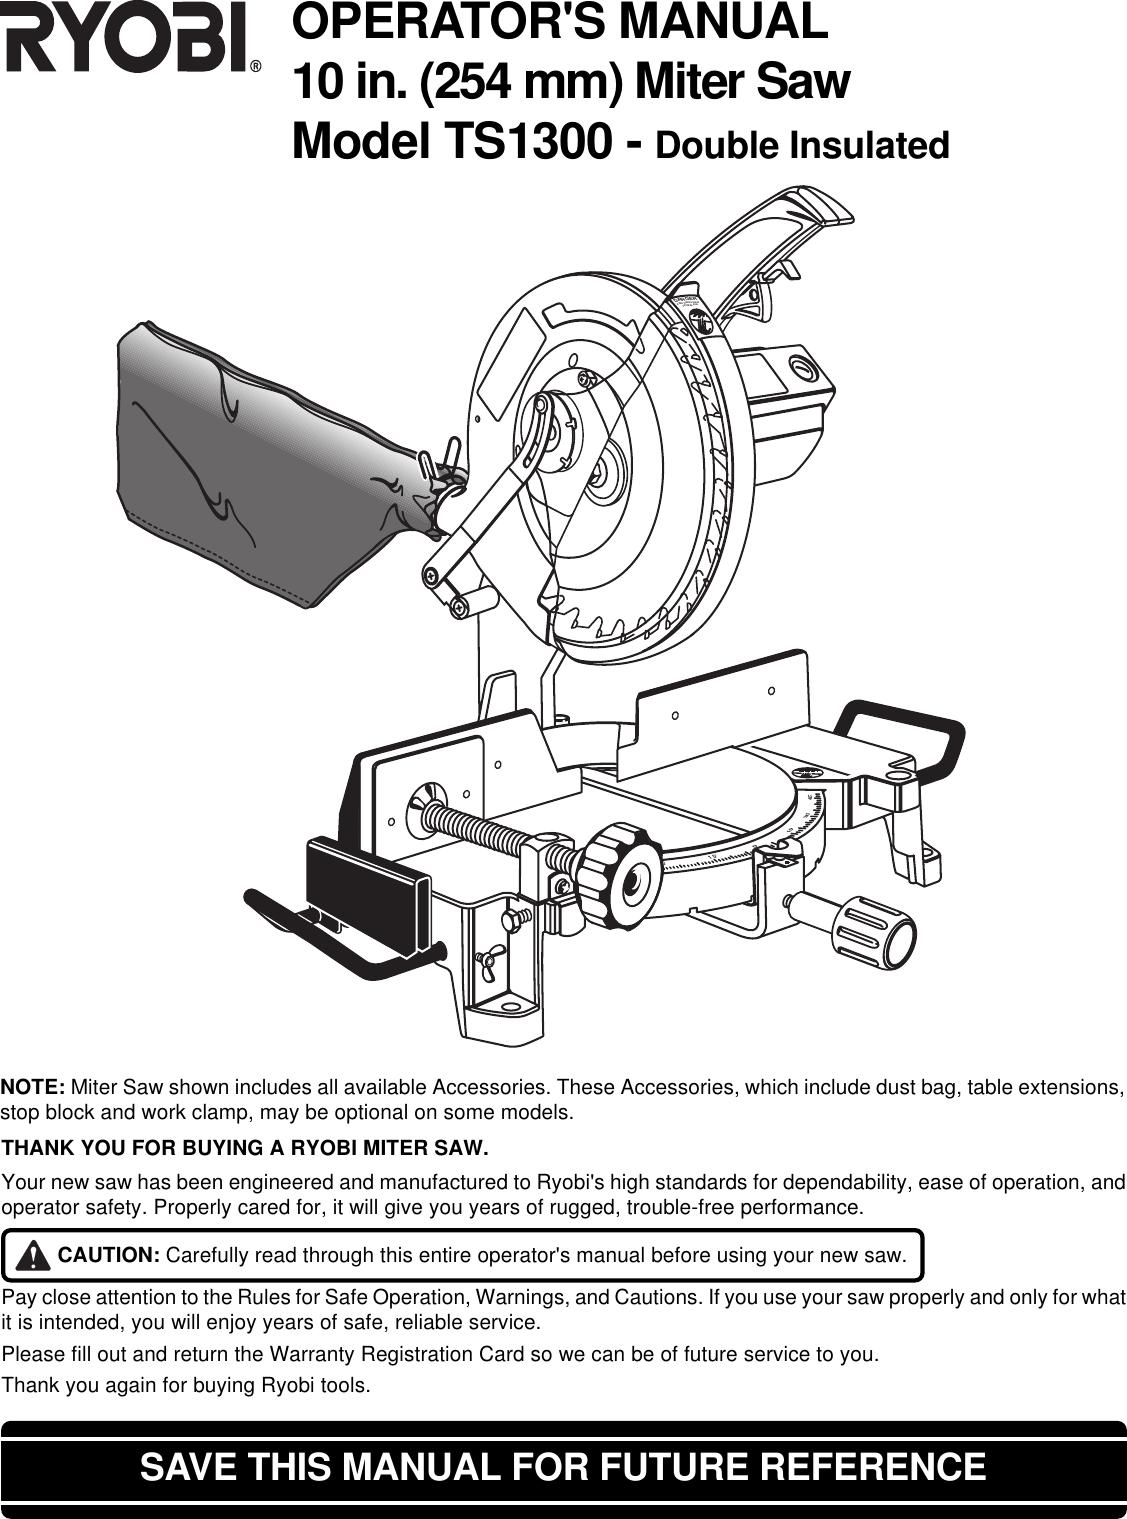 Ryobi Ts1300 Owner S Manual TS1300_746_eng